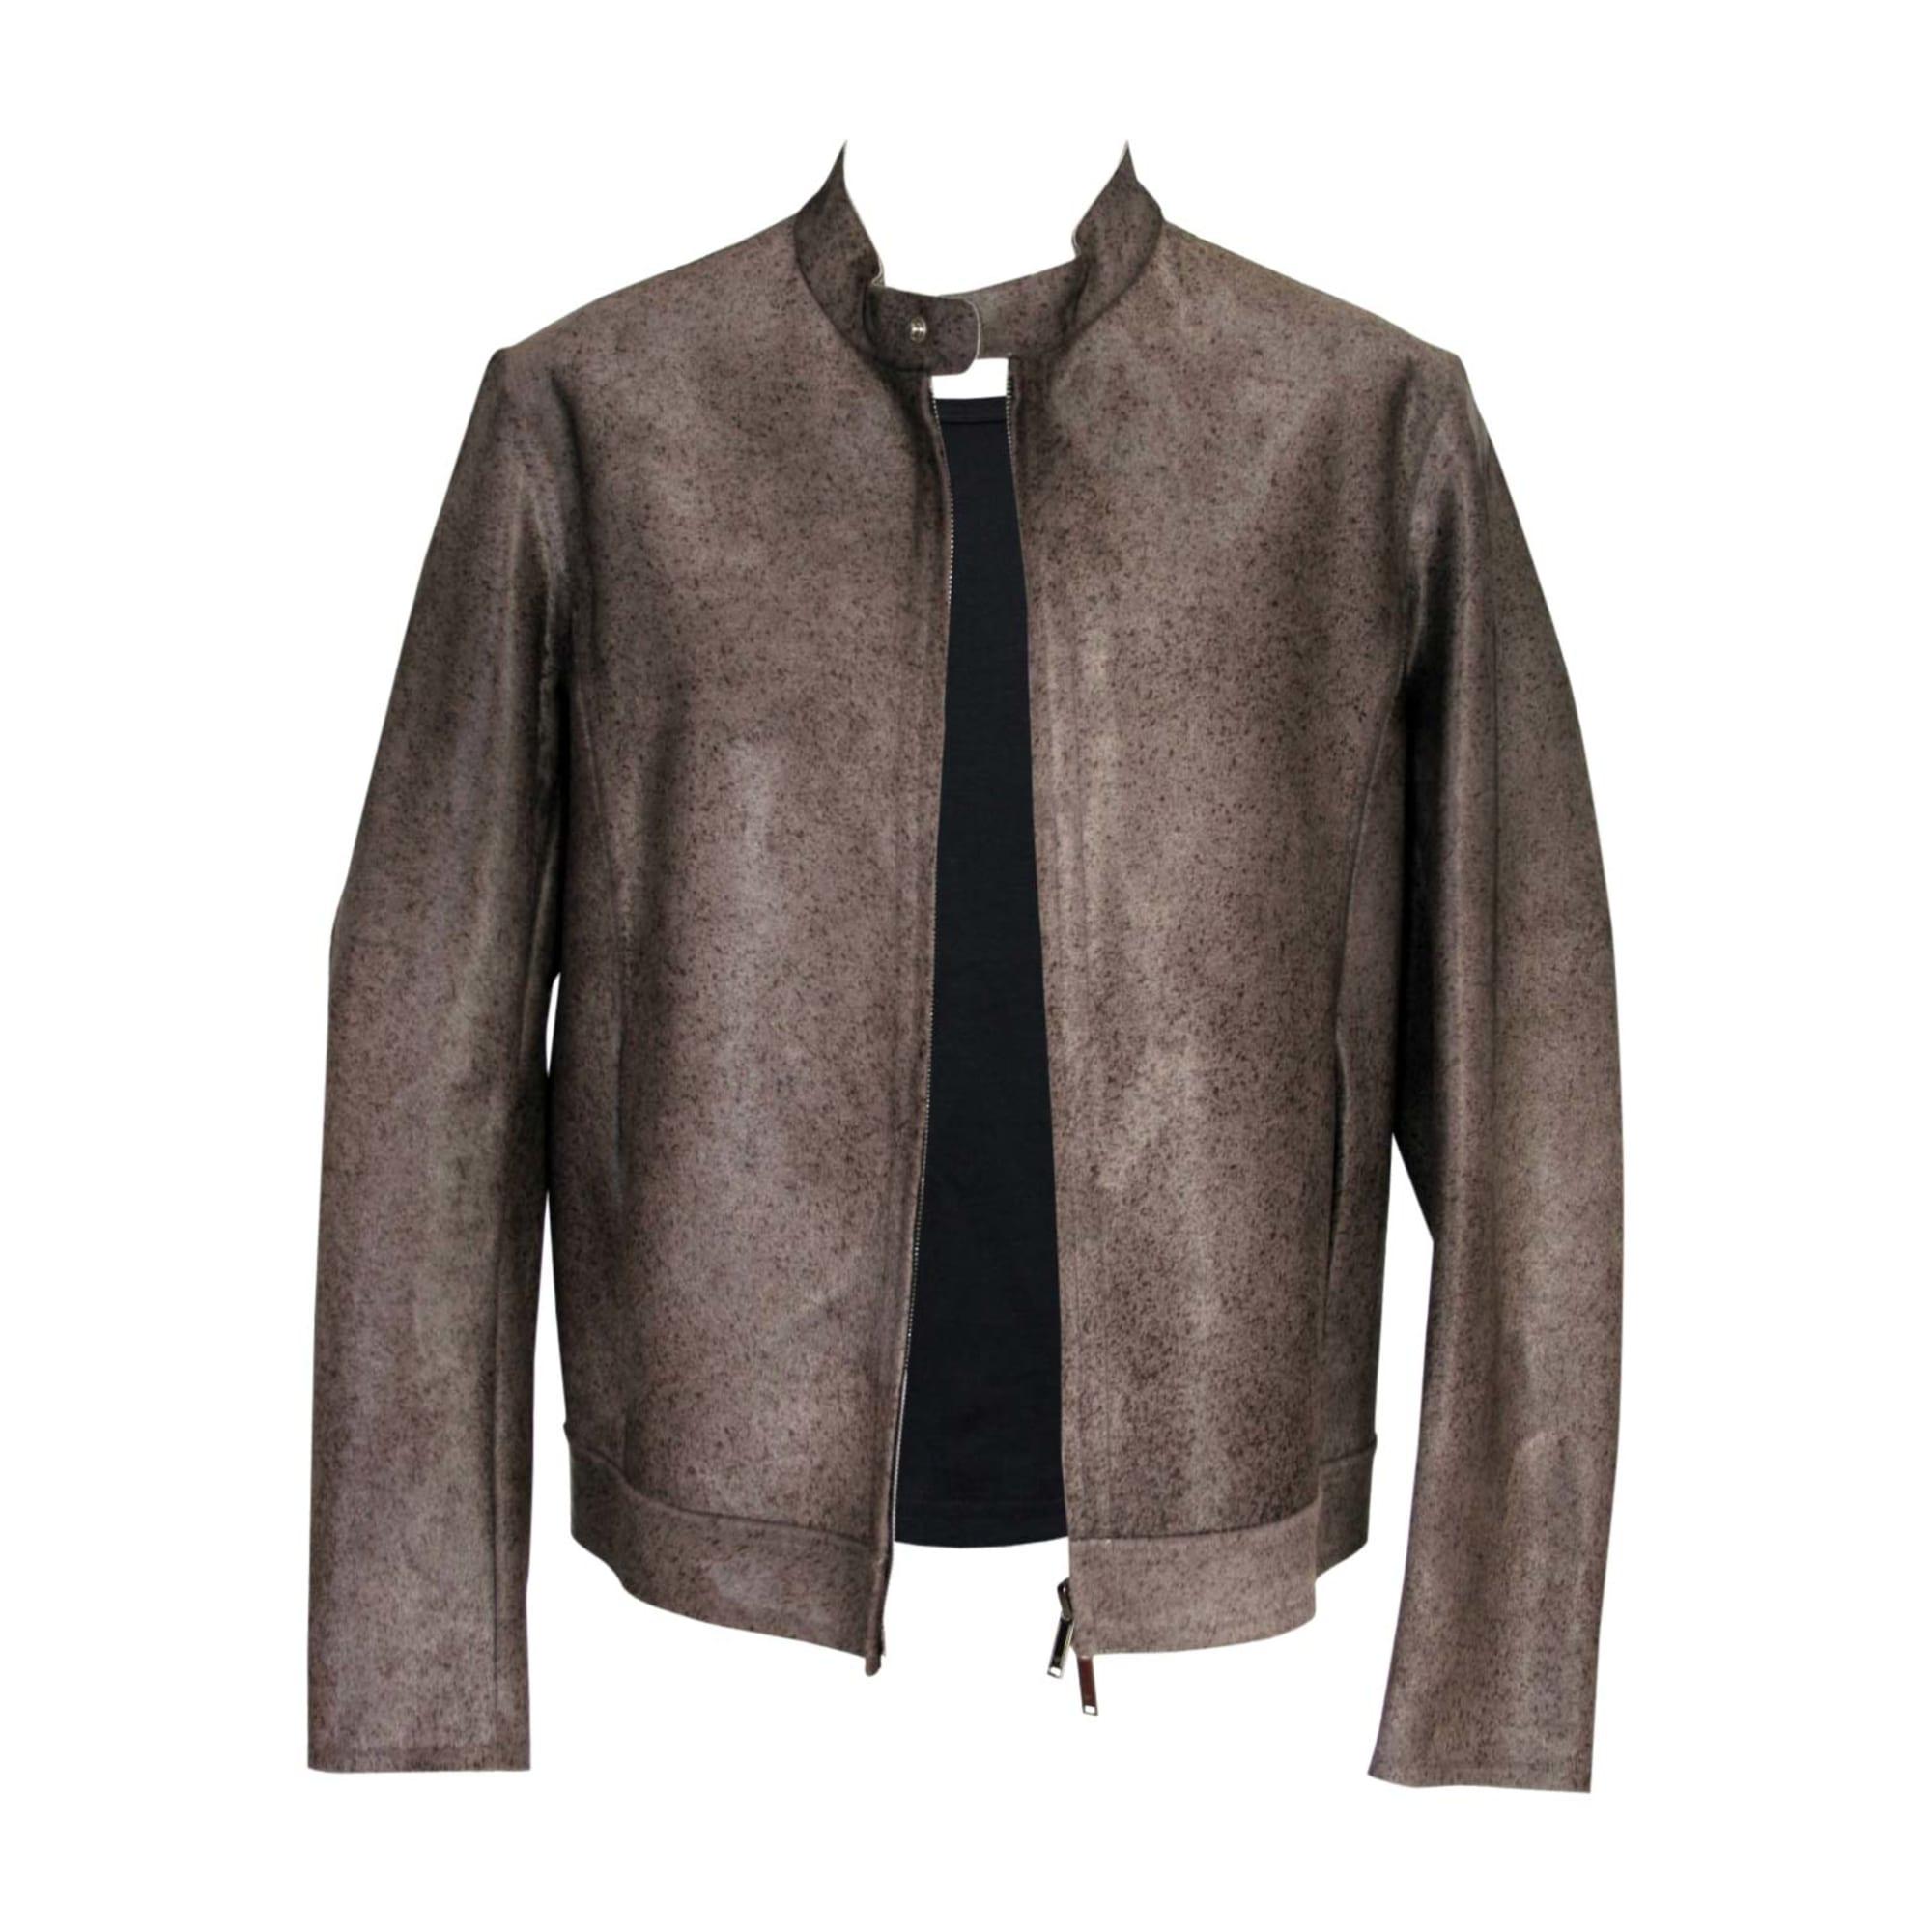 Veste en cuir EMPORIO ARMANI 52 (L) marron - 6167530 b1c8fee9436